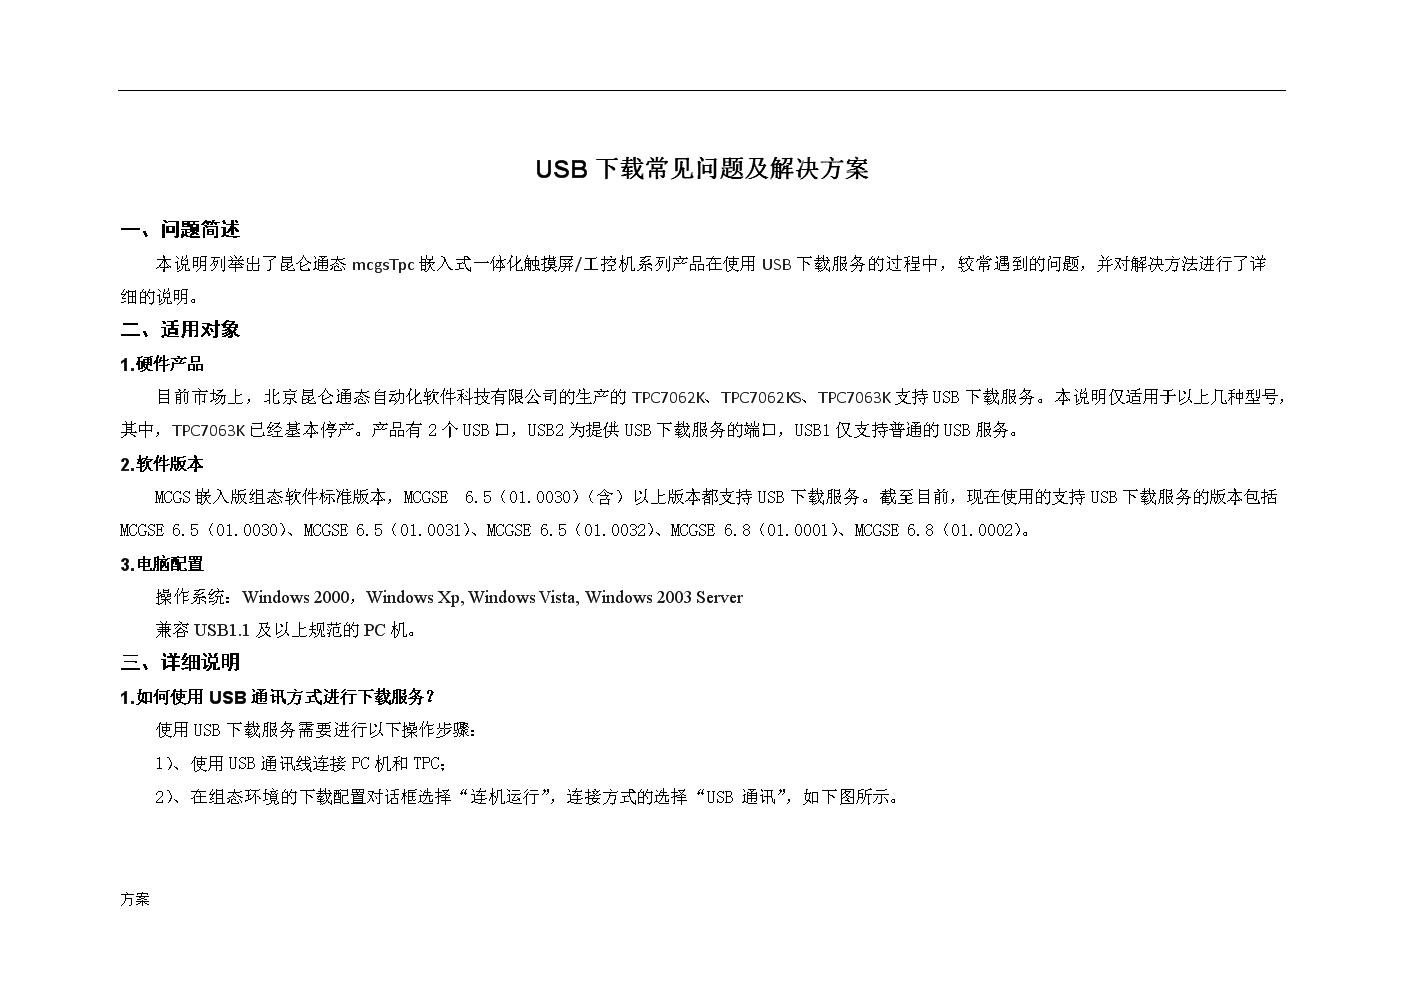 昆仑通态USB下载问题解决的方案.doc